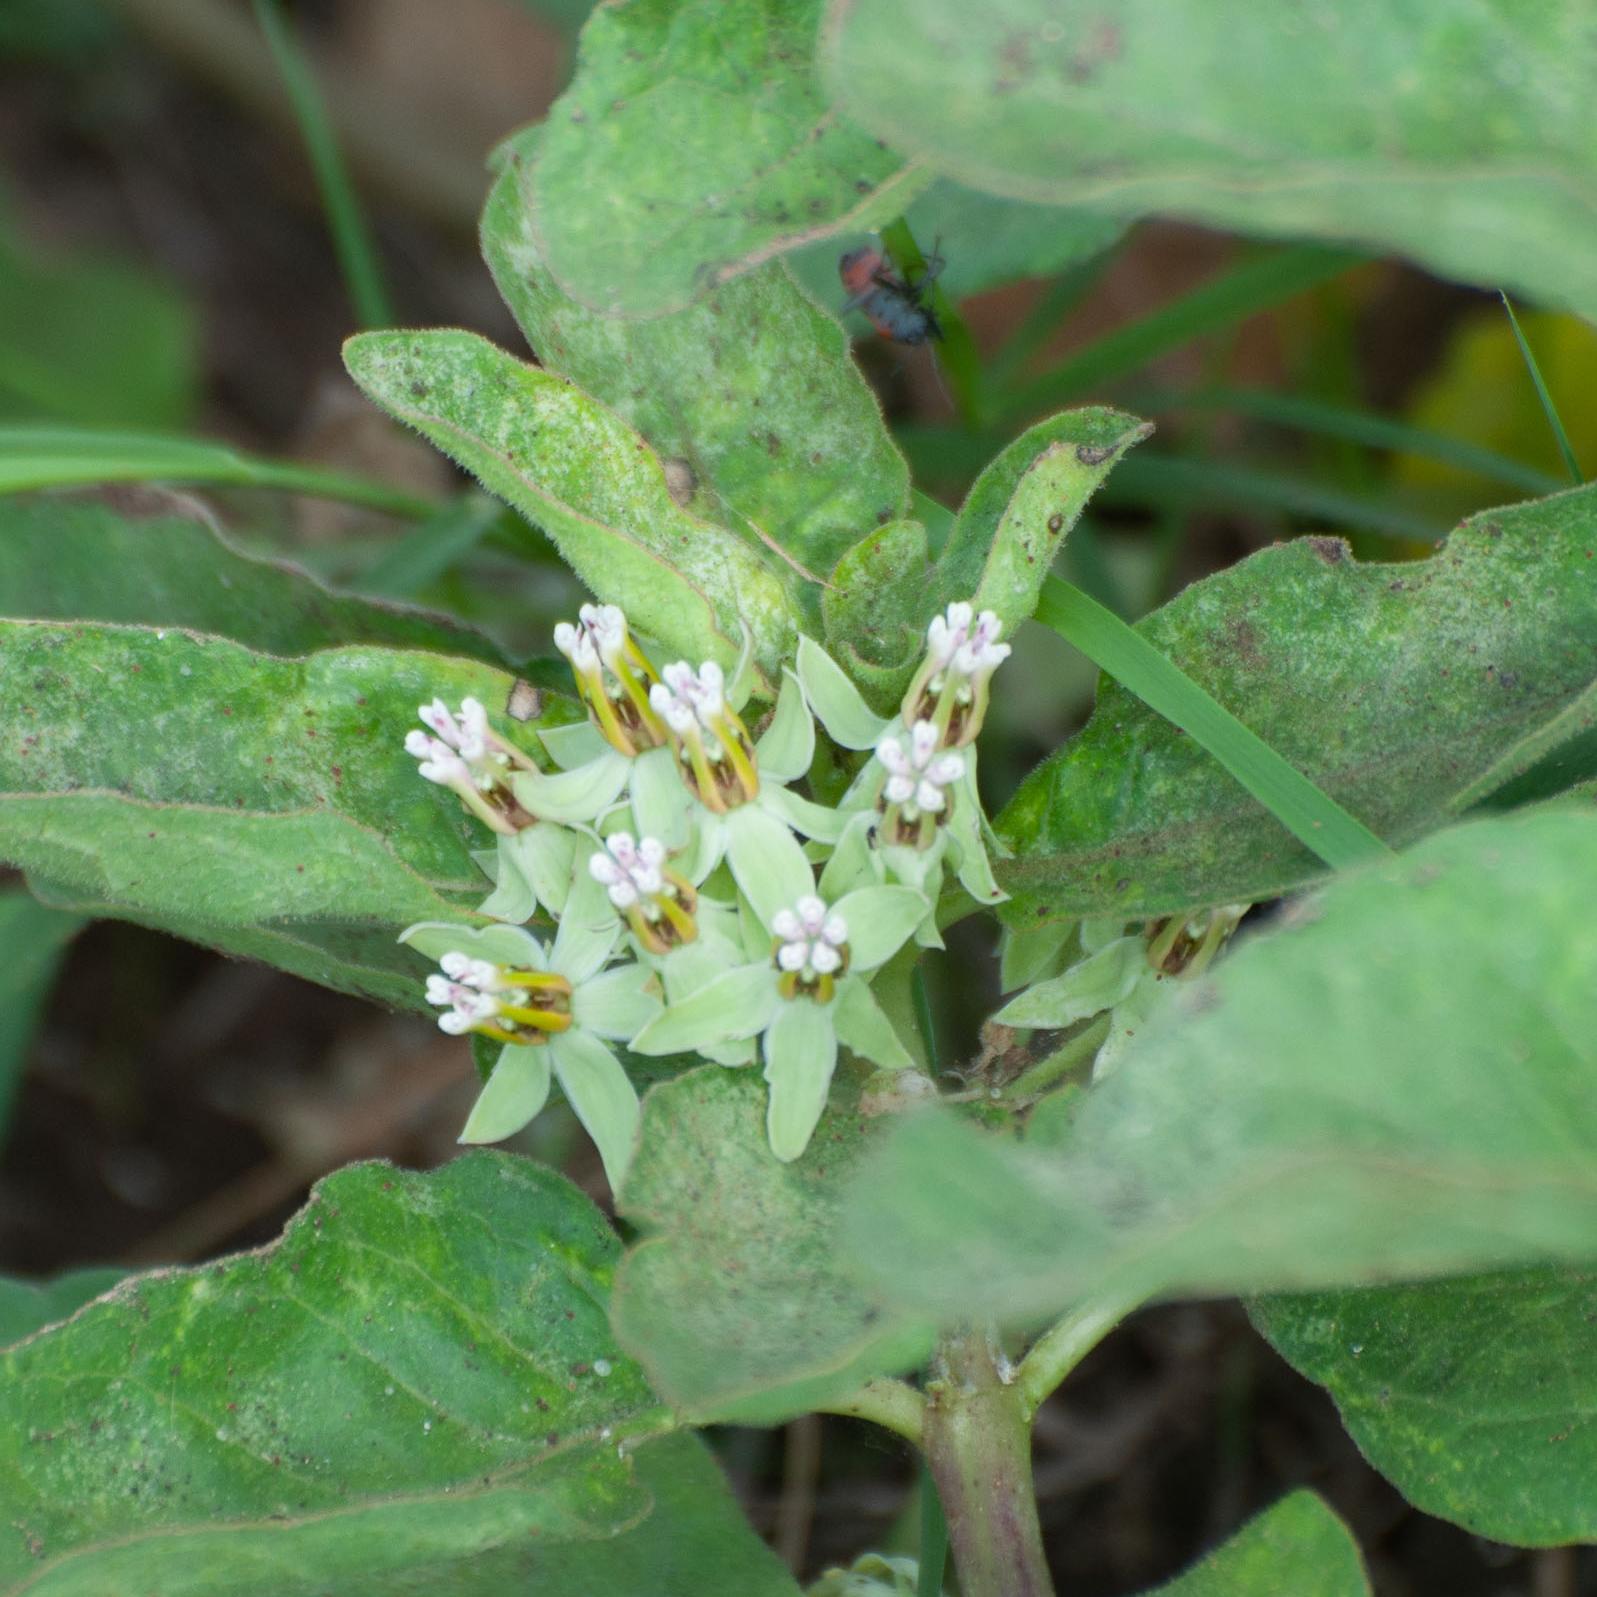 Mariposa Zizotes Milkweed